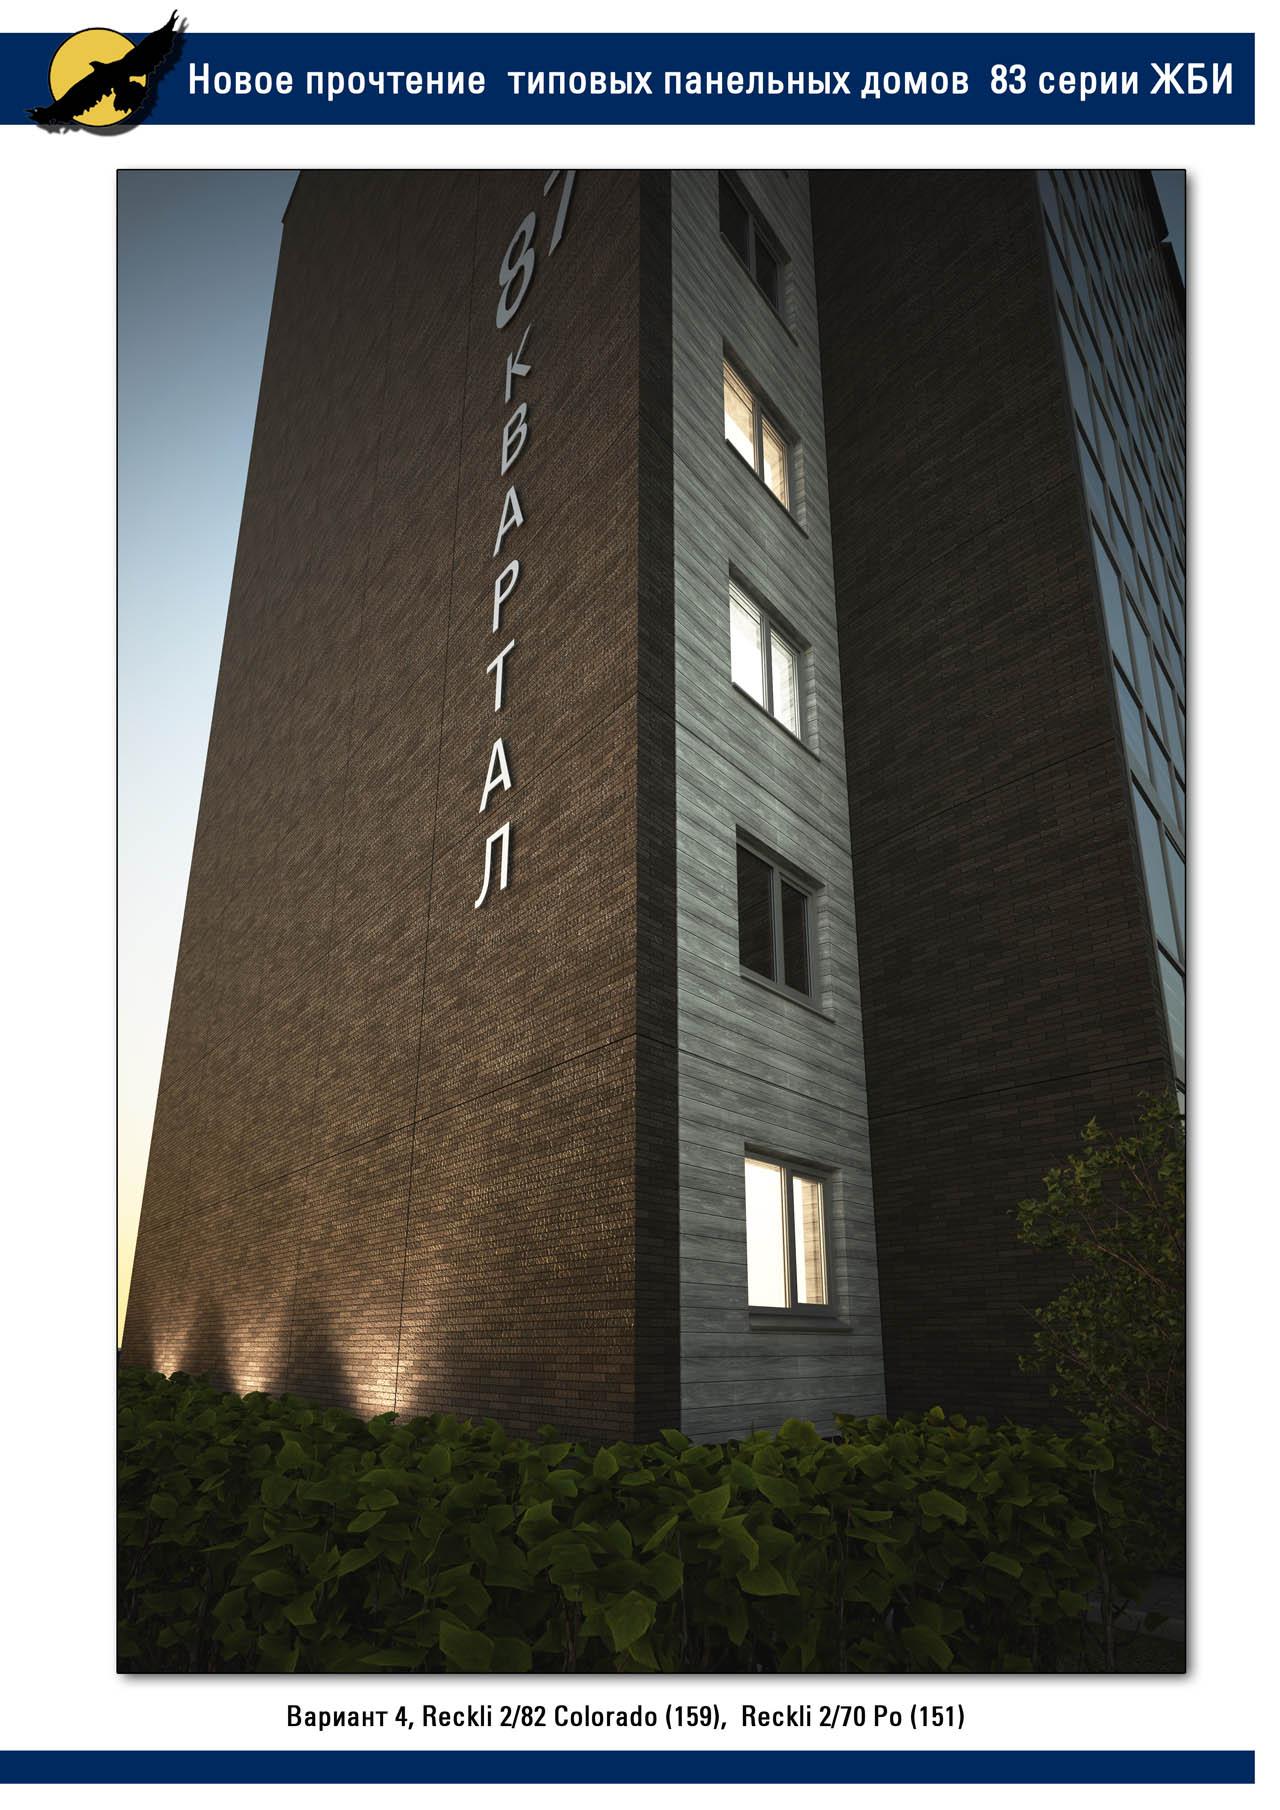 Новое прочтение типовых панельных домов 83 серии ЖБИ